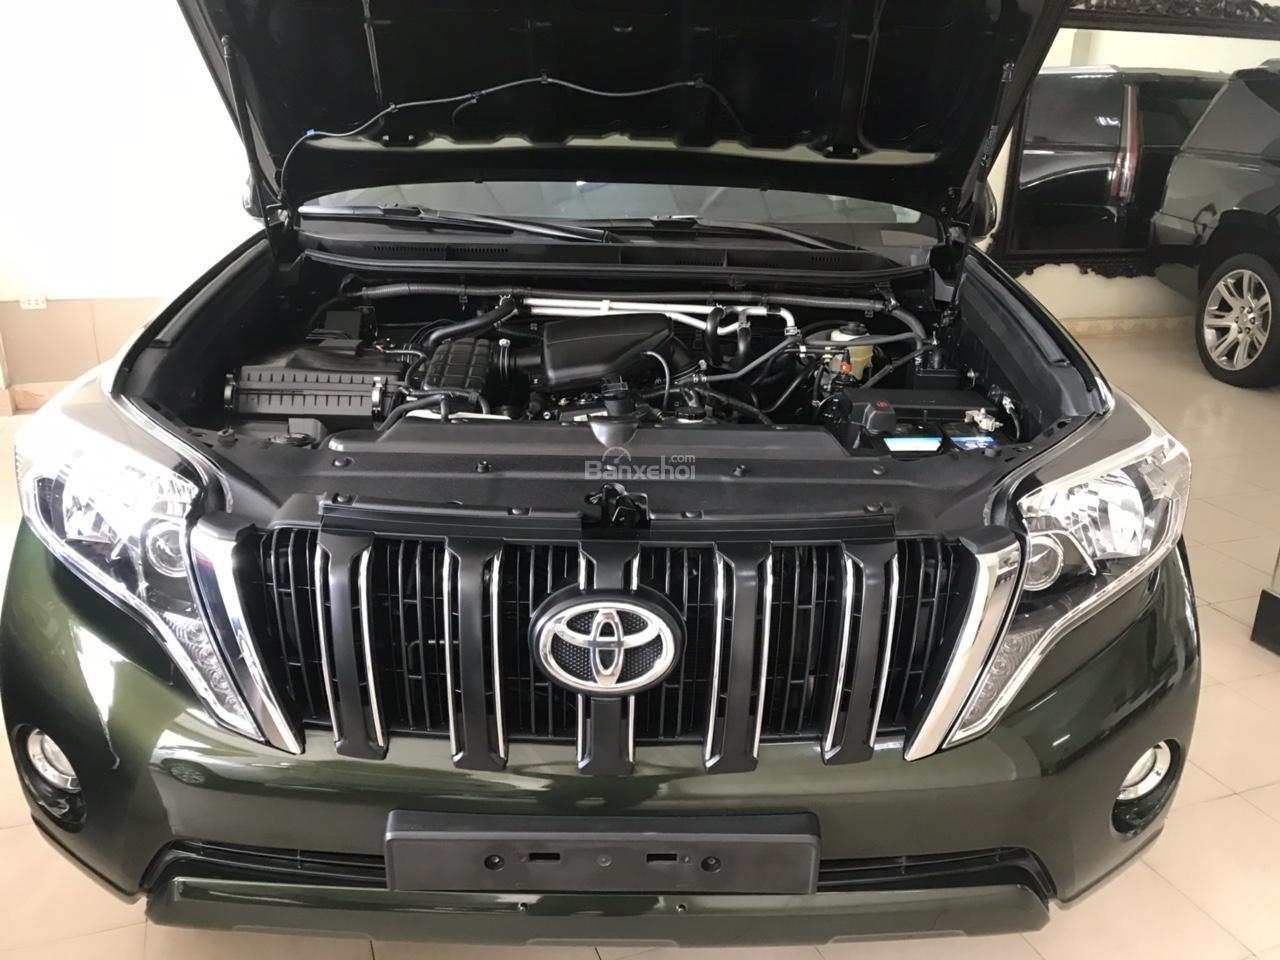 Cần bán Toyota Prado - TXL - 2016, biển thành phố, xe đẹp như mơ, hỗ trợ vay ngân hàng, liên hệ Mr Trung-0988599025-4